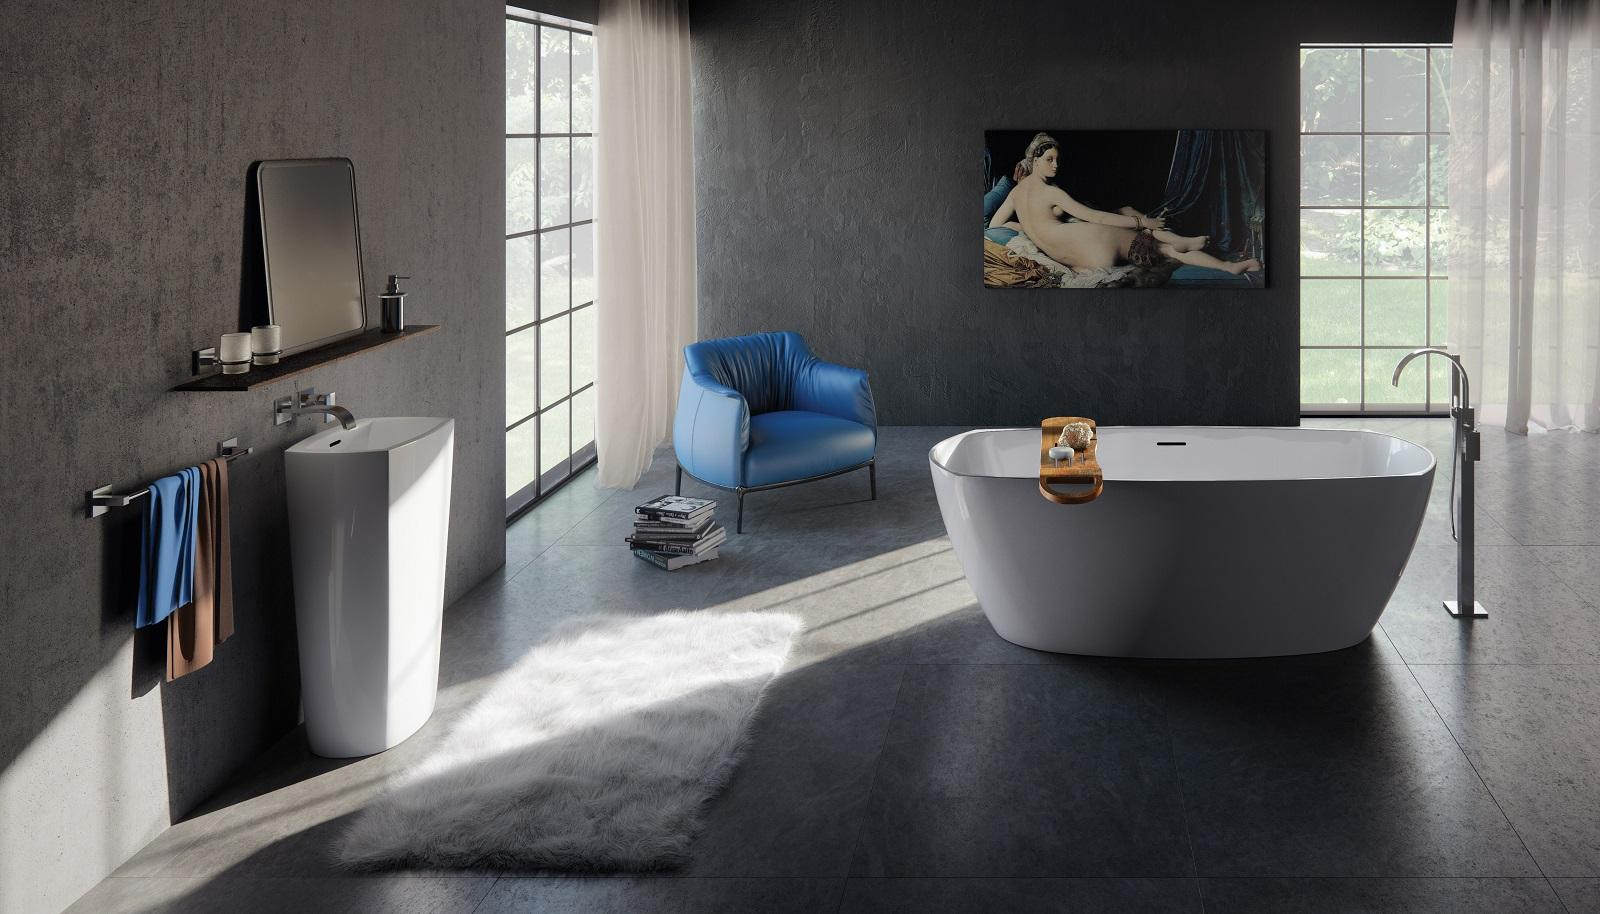 Vasca Da Bagno Vetroresina : Le vasche da bagno non sono realizzate soltanto in acrilico